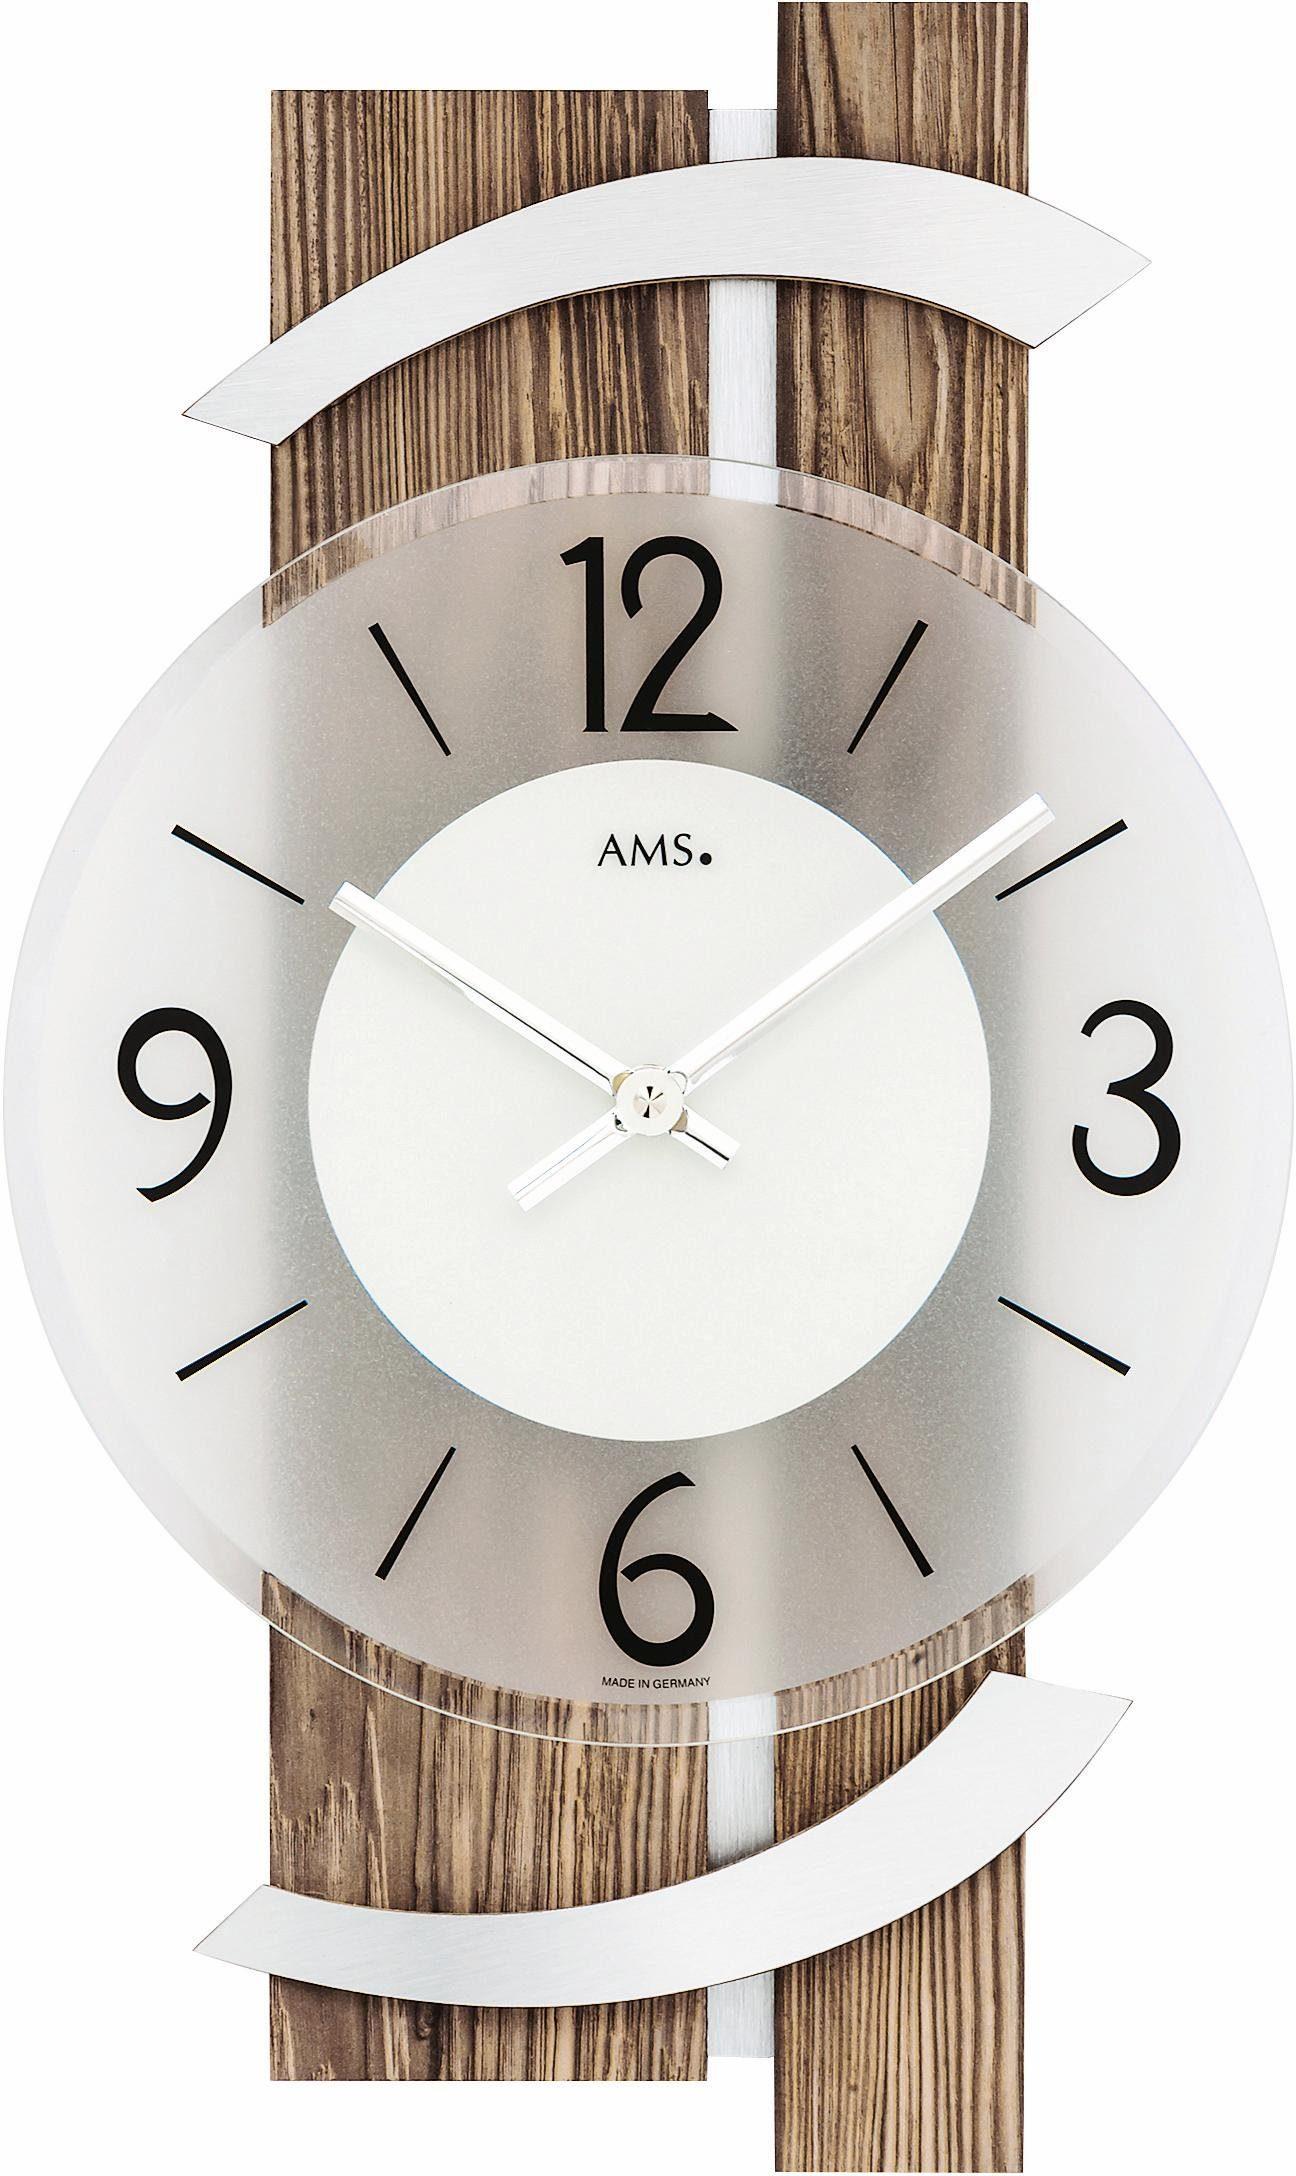 LEONARDO Tischuhr//Regal-Uhr mit Spiegel silberfarben